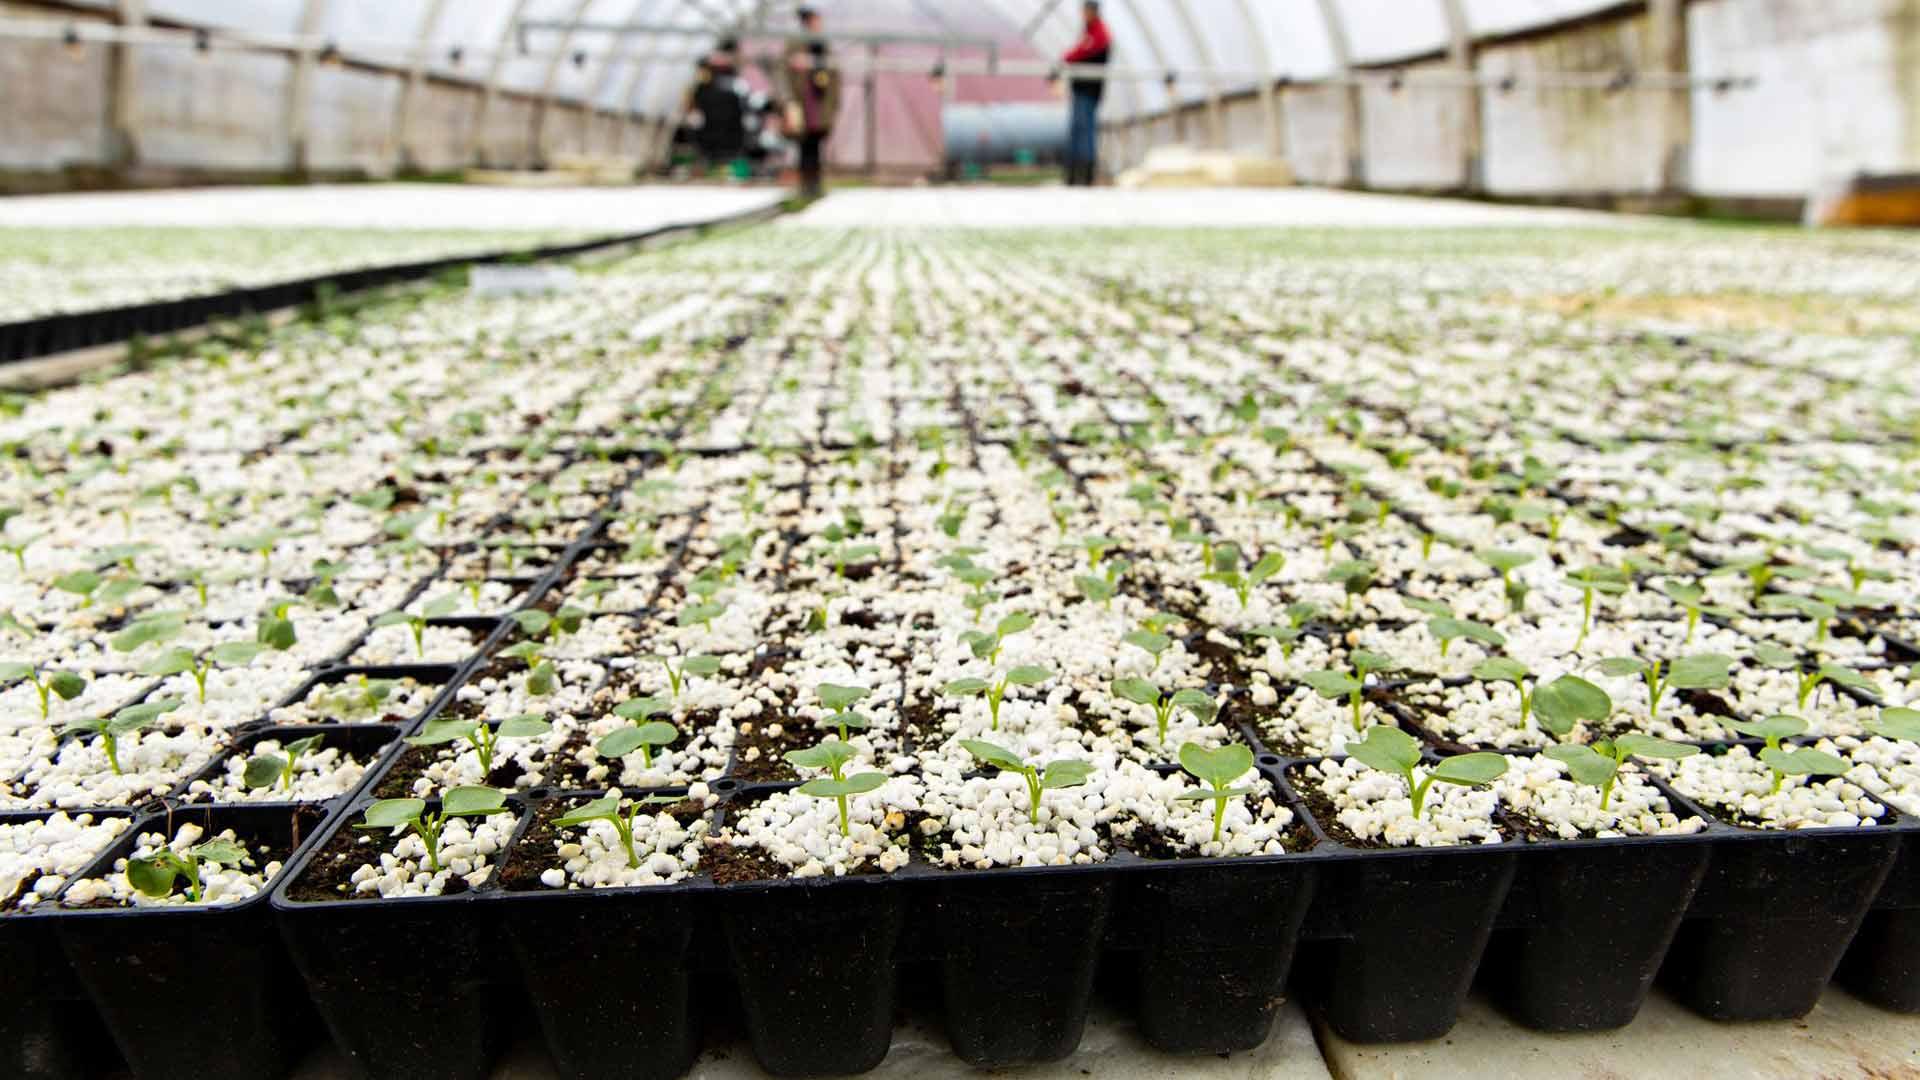 Kallelan tilan kasveista osa esikasvatetaan kasvihuoneessa ennen pellolle istutusta.